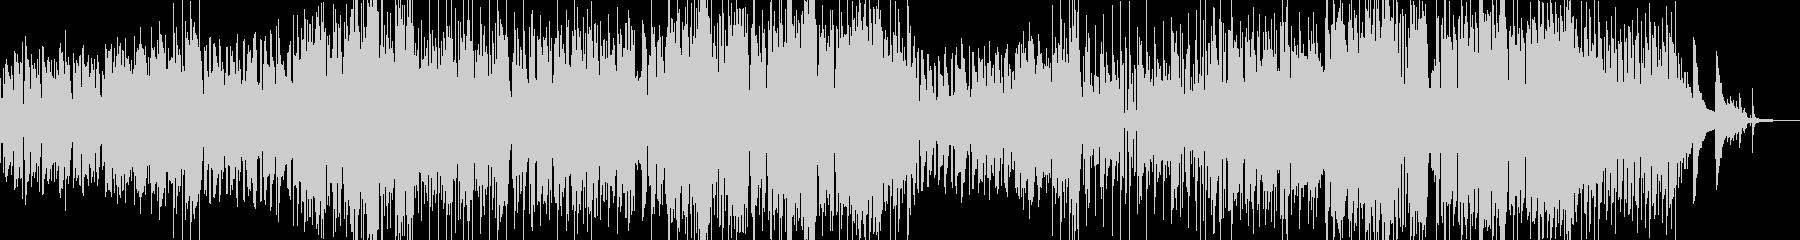 木管のメルヘンチックなスィングワルツの未再生の波形